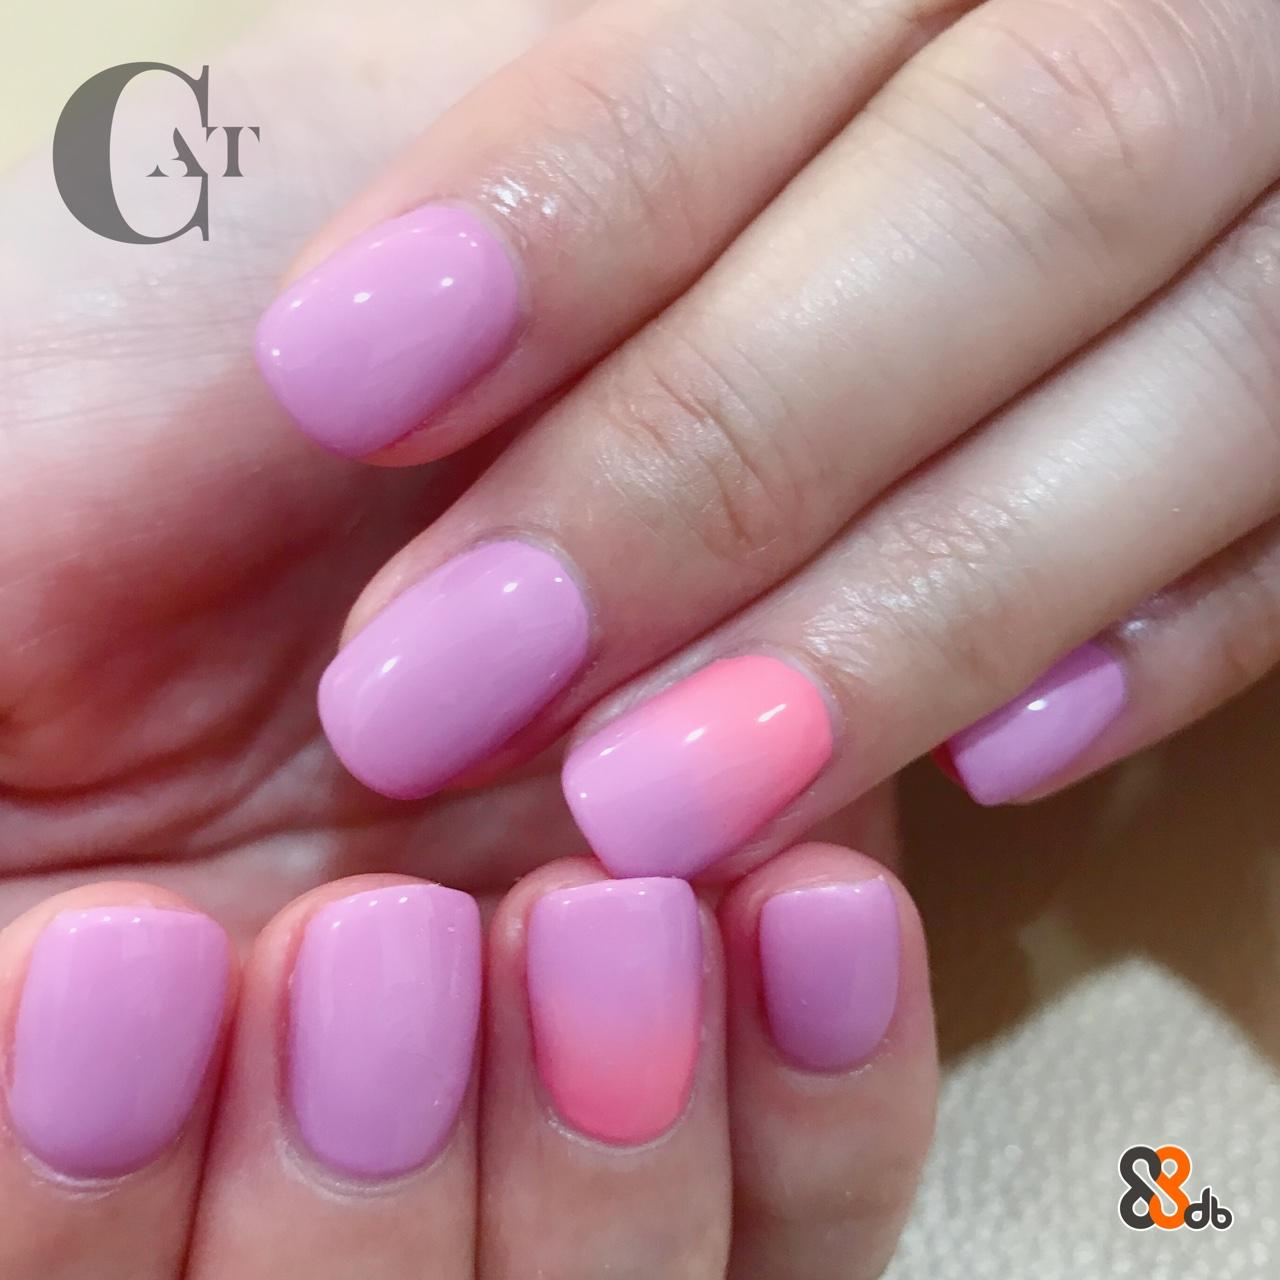 Nail polish,Nail,Nail care,Manicure,Finger